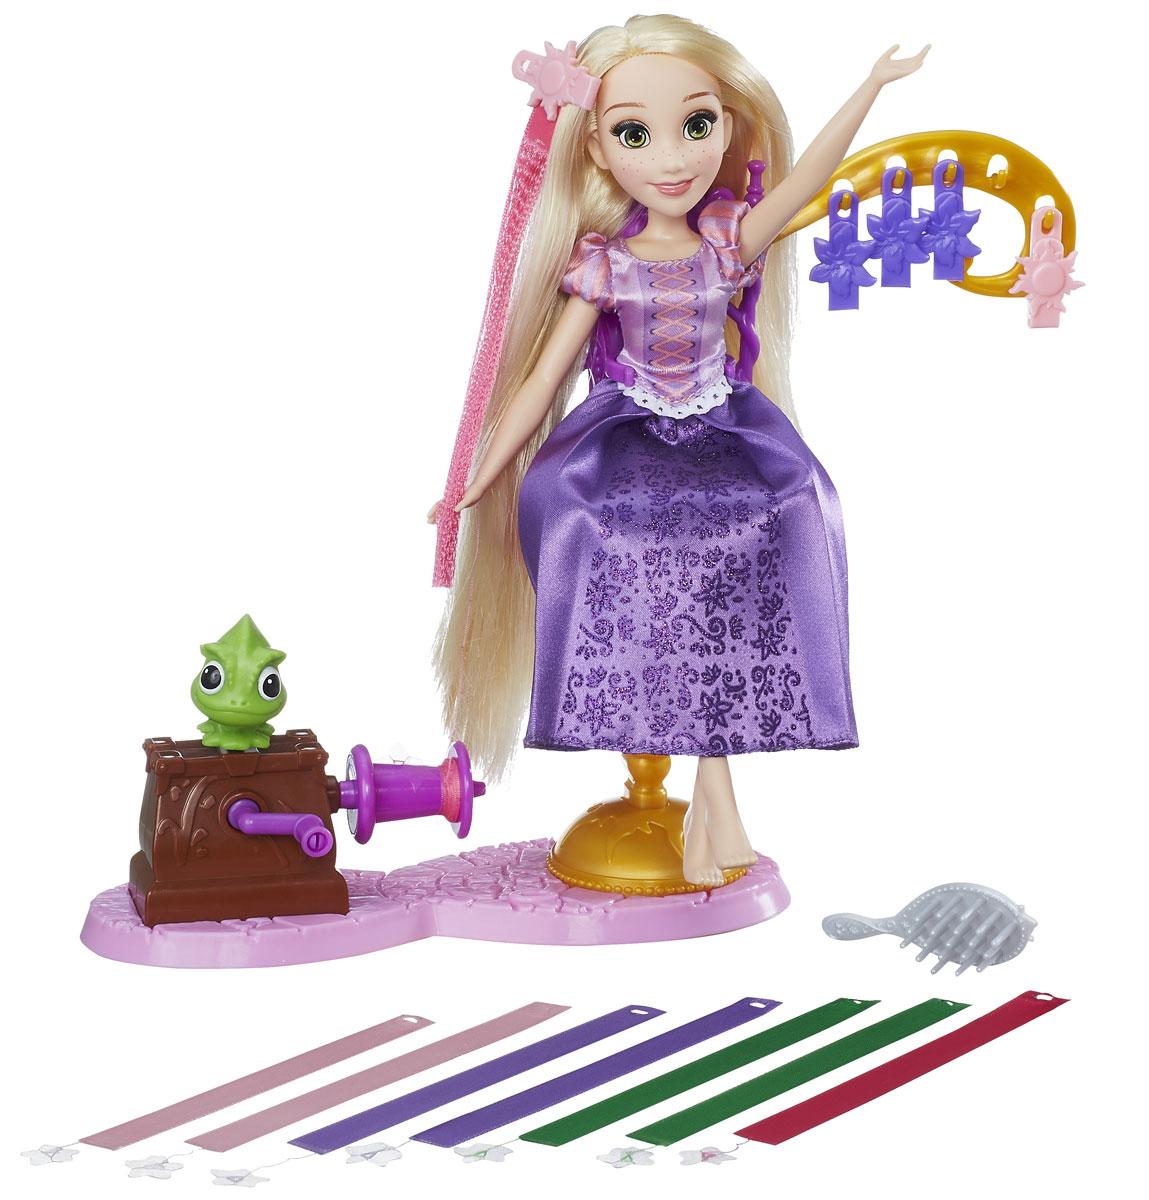 Disney Princess Игровой набор с куклой Королевский салон Рапунцель disney princess игровой набор с куклой easy styles ариэль